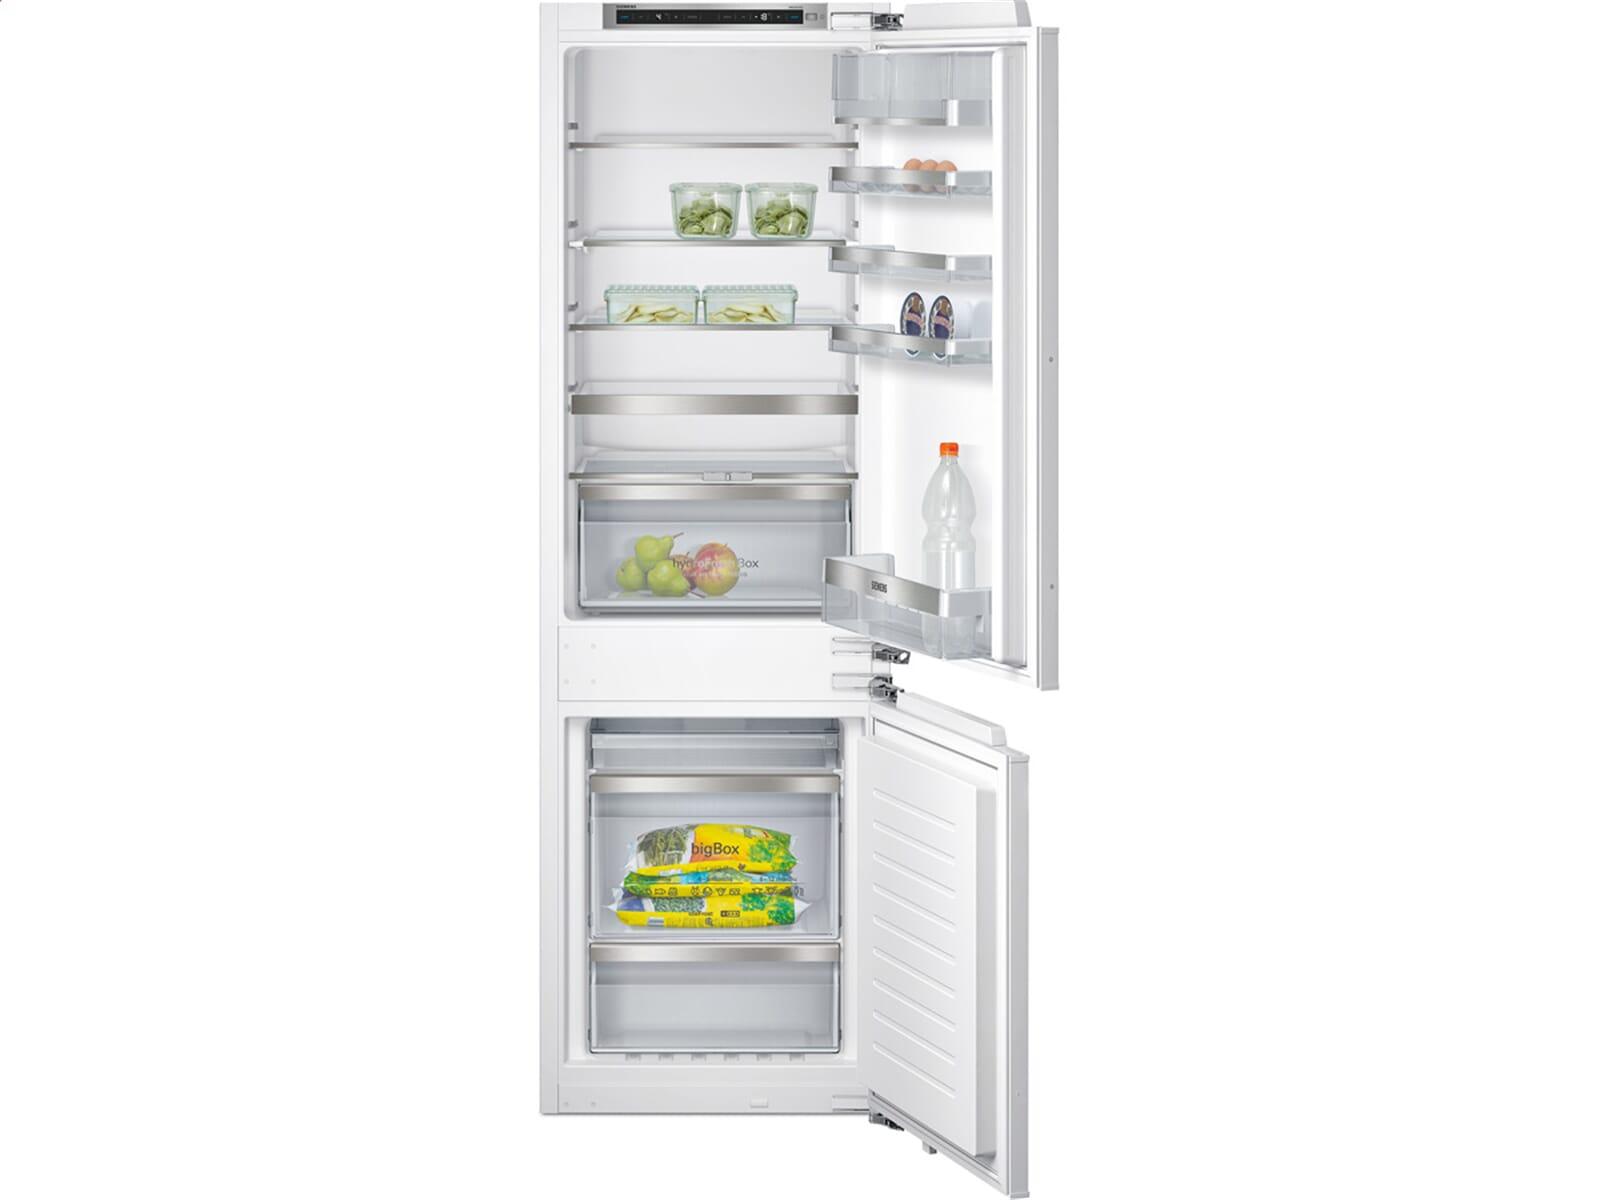 Siemens Kühlschrank Hydrofresh Box : Siemens ki nad einbau kühl gefrierkombination